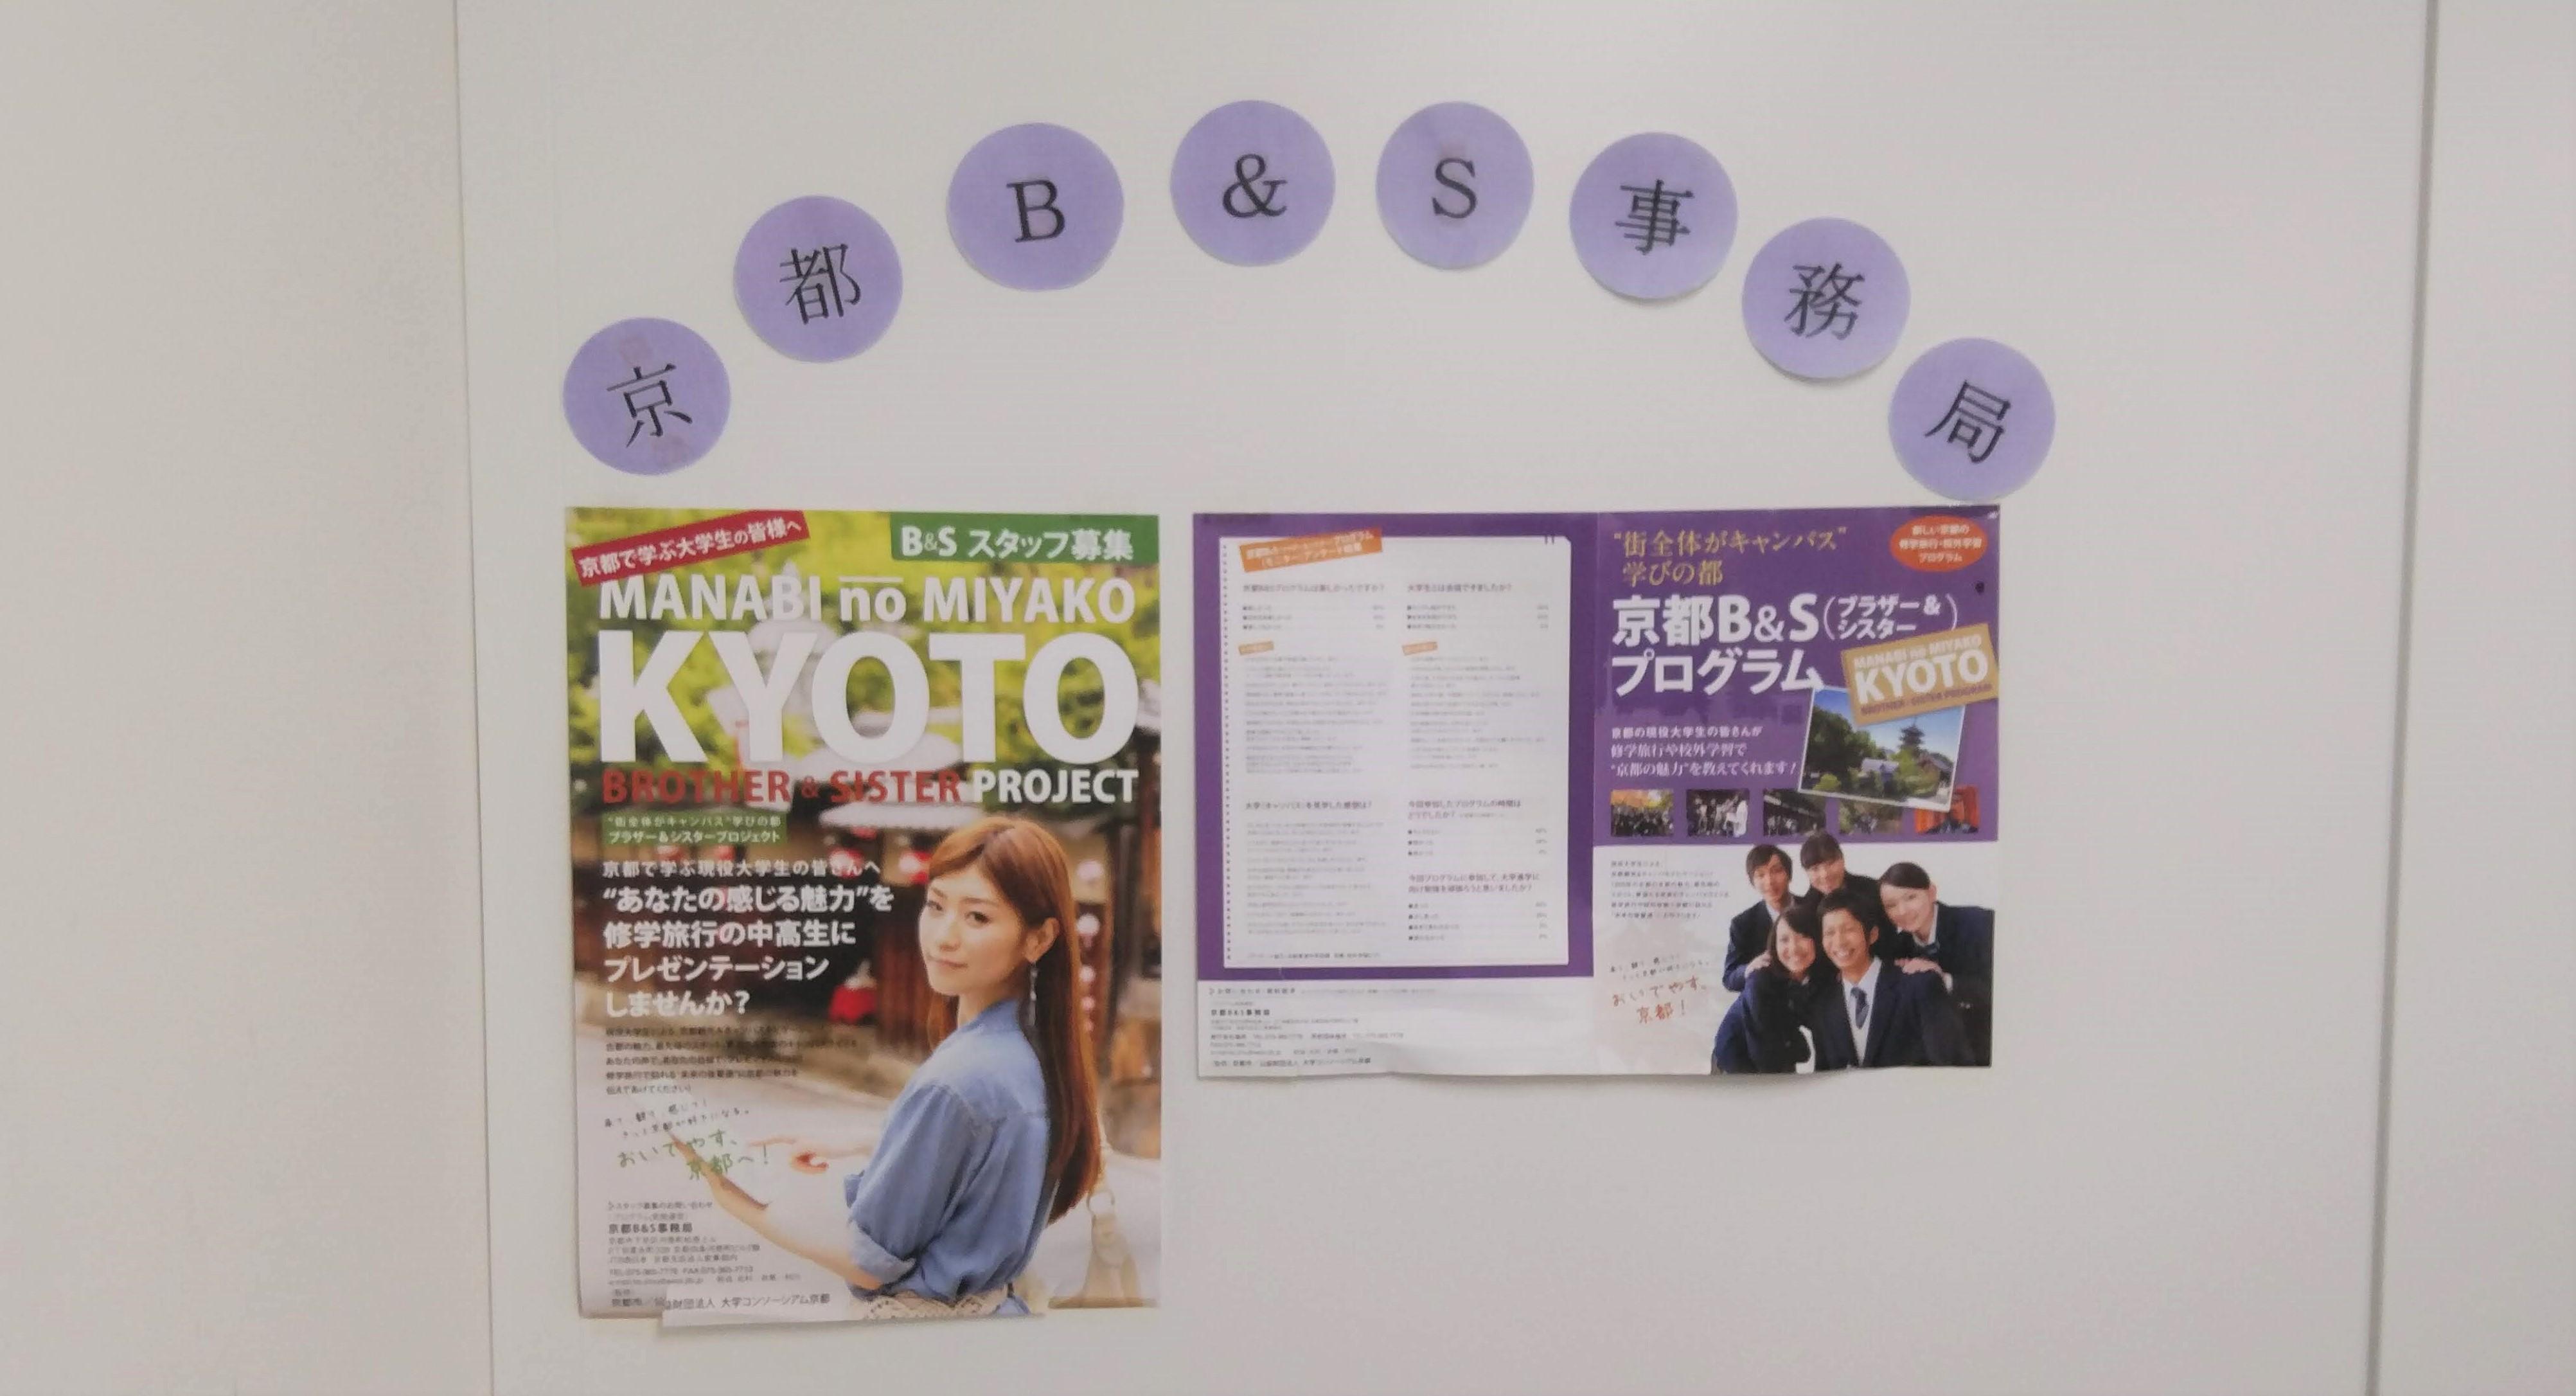 観光のまち・京都で大学生が修学旅行をプロデュースしてみた